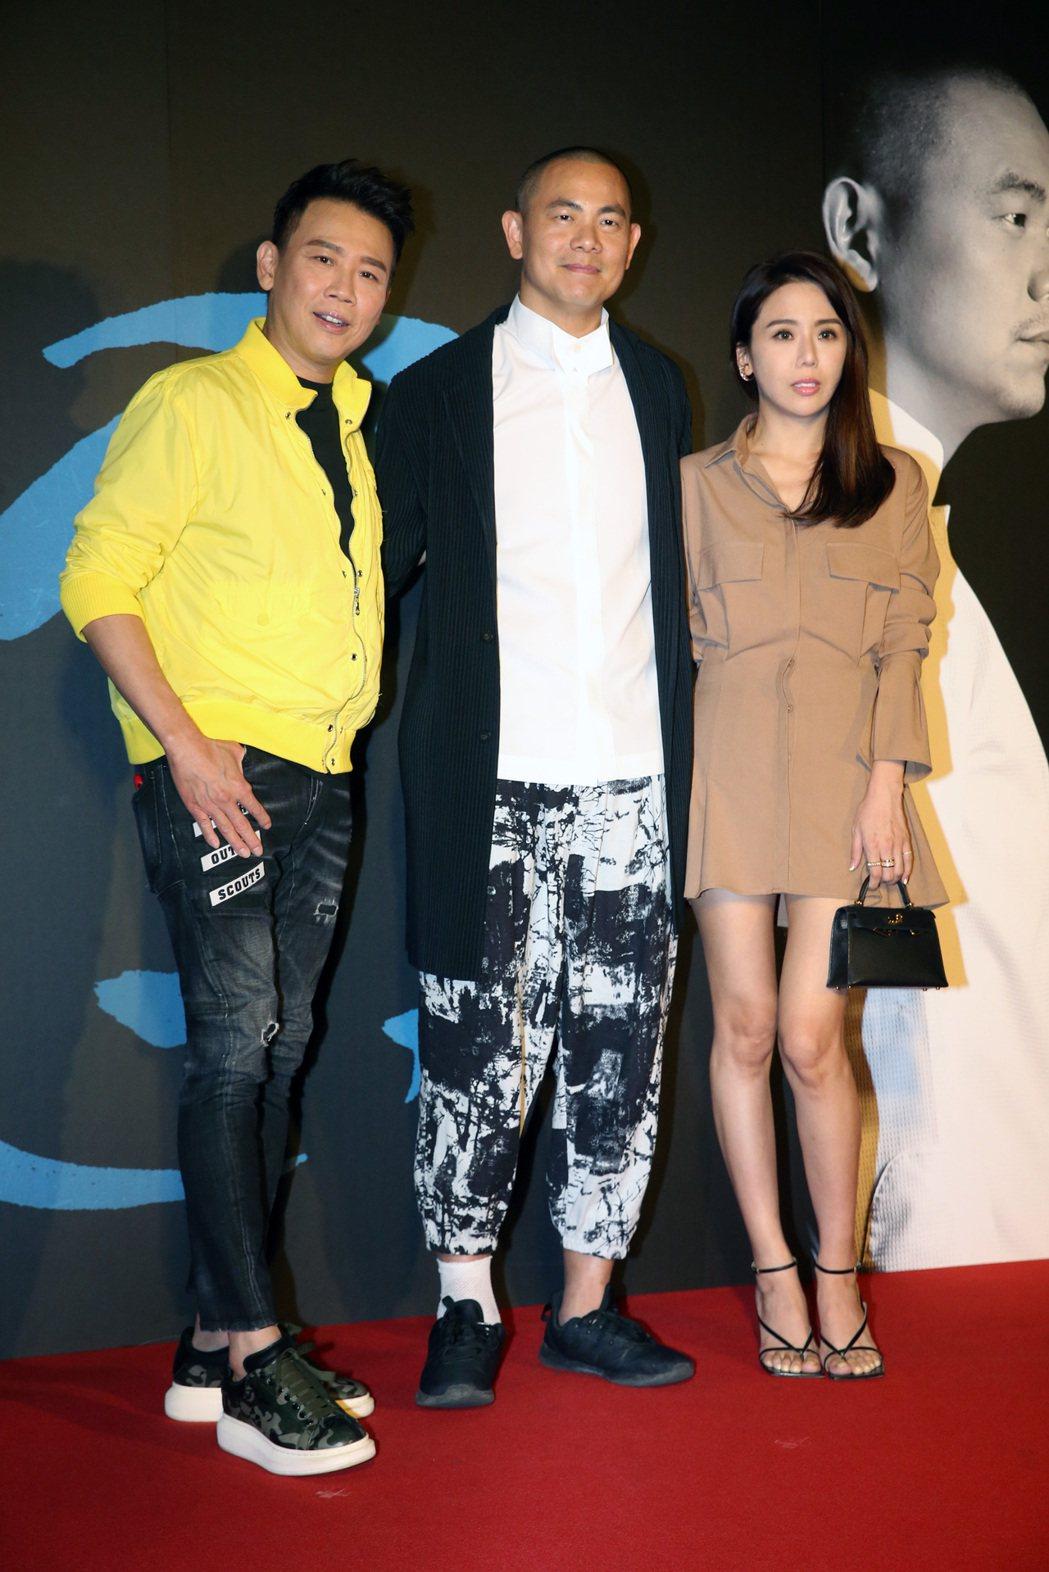 紀錄電影《初心》舉行首映會,米其林名廚江振誠(中)、金曲歌王陶喆(左)夫婦出席。...